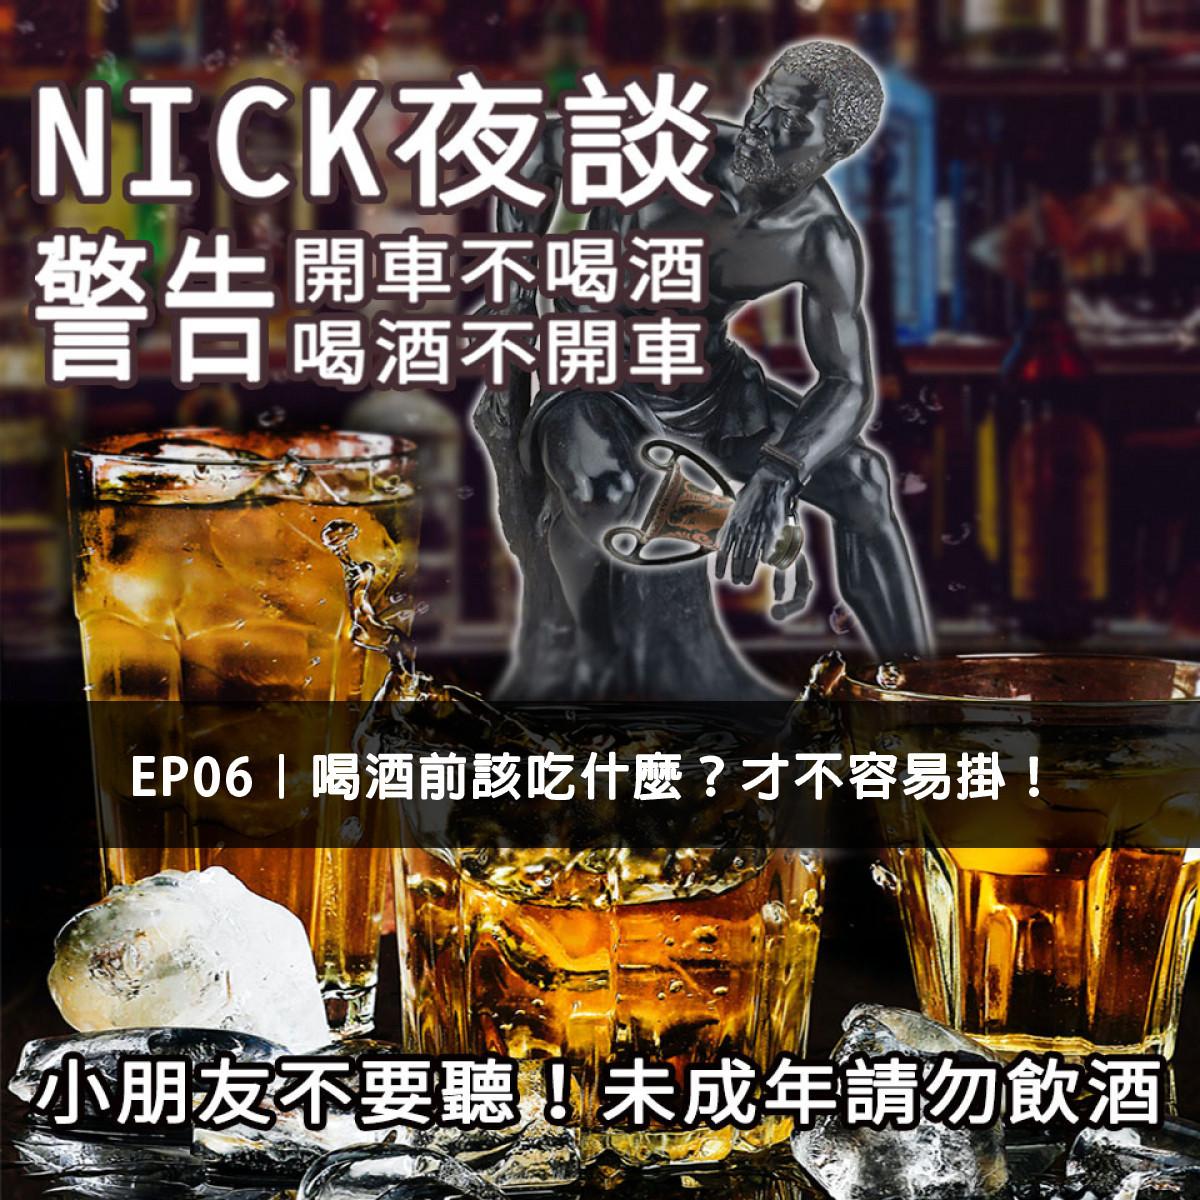 夜談第一季EP06|喝酒前該吃什麼?才不容易掛!